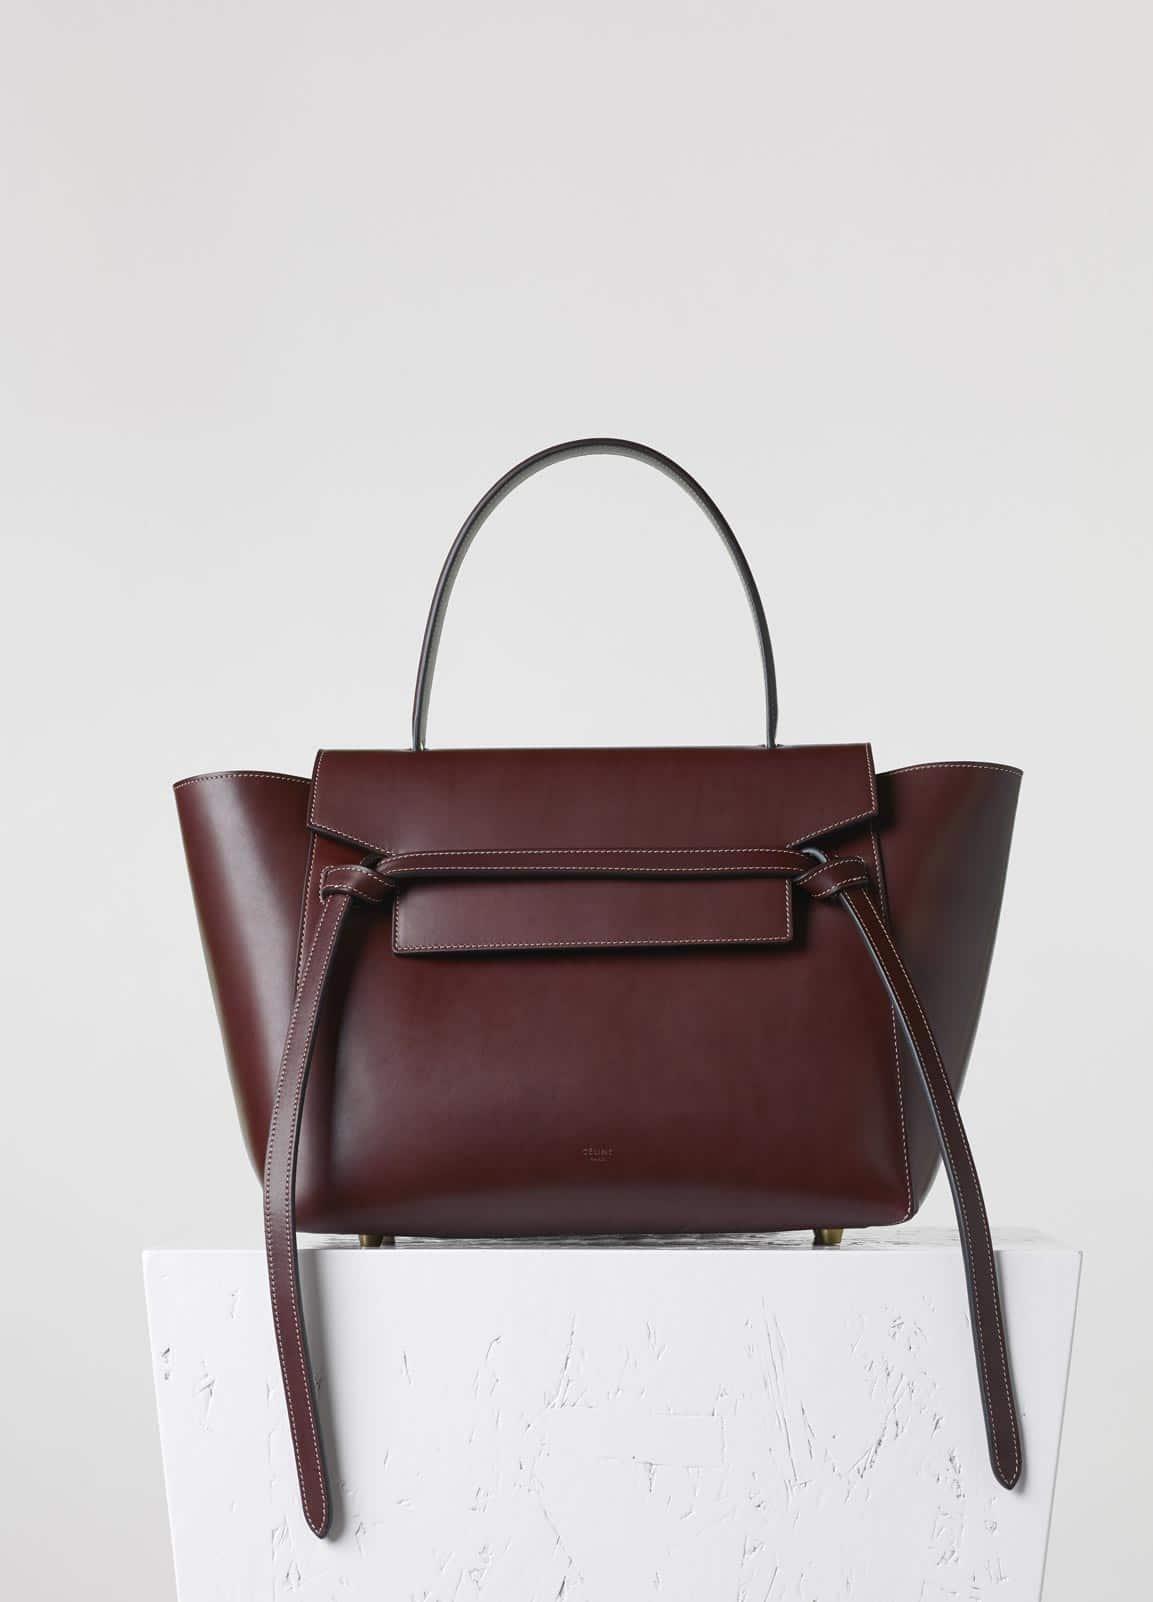 Celine Burgundy Small Belt Tote Bag